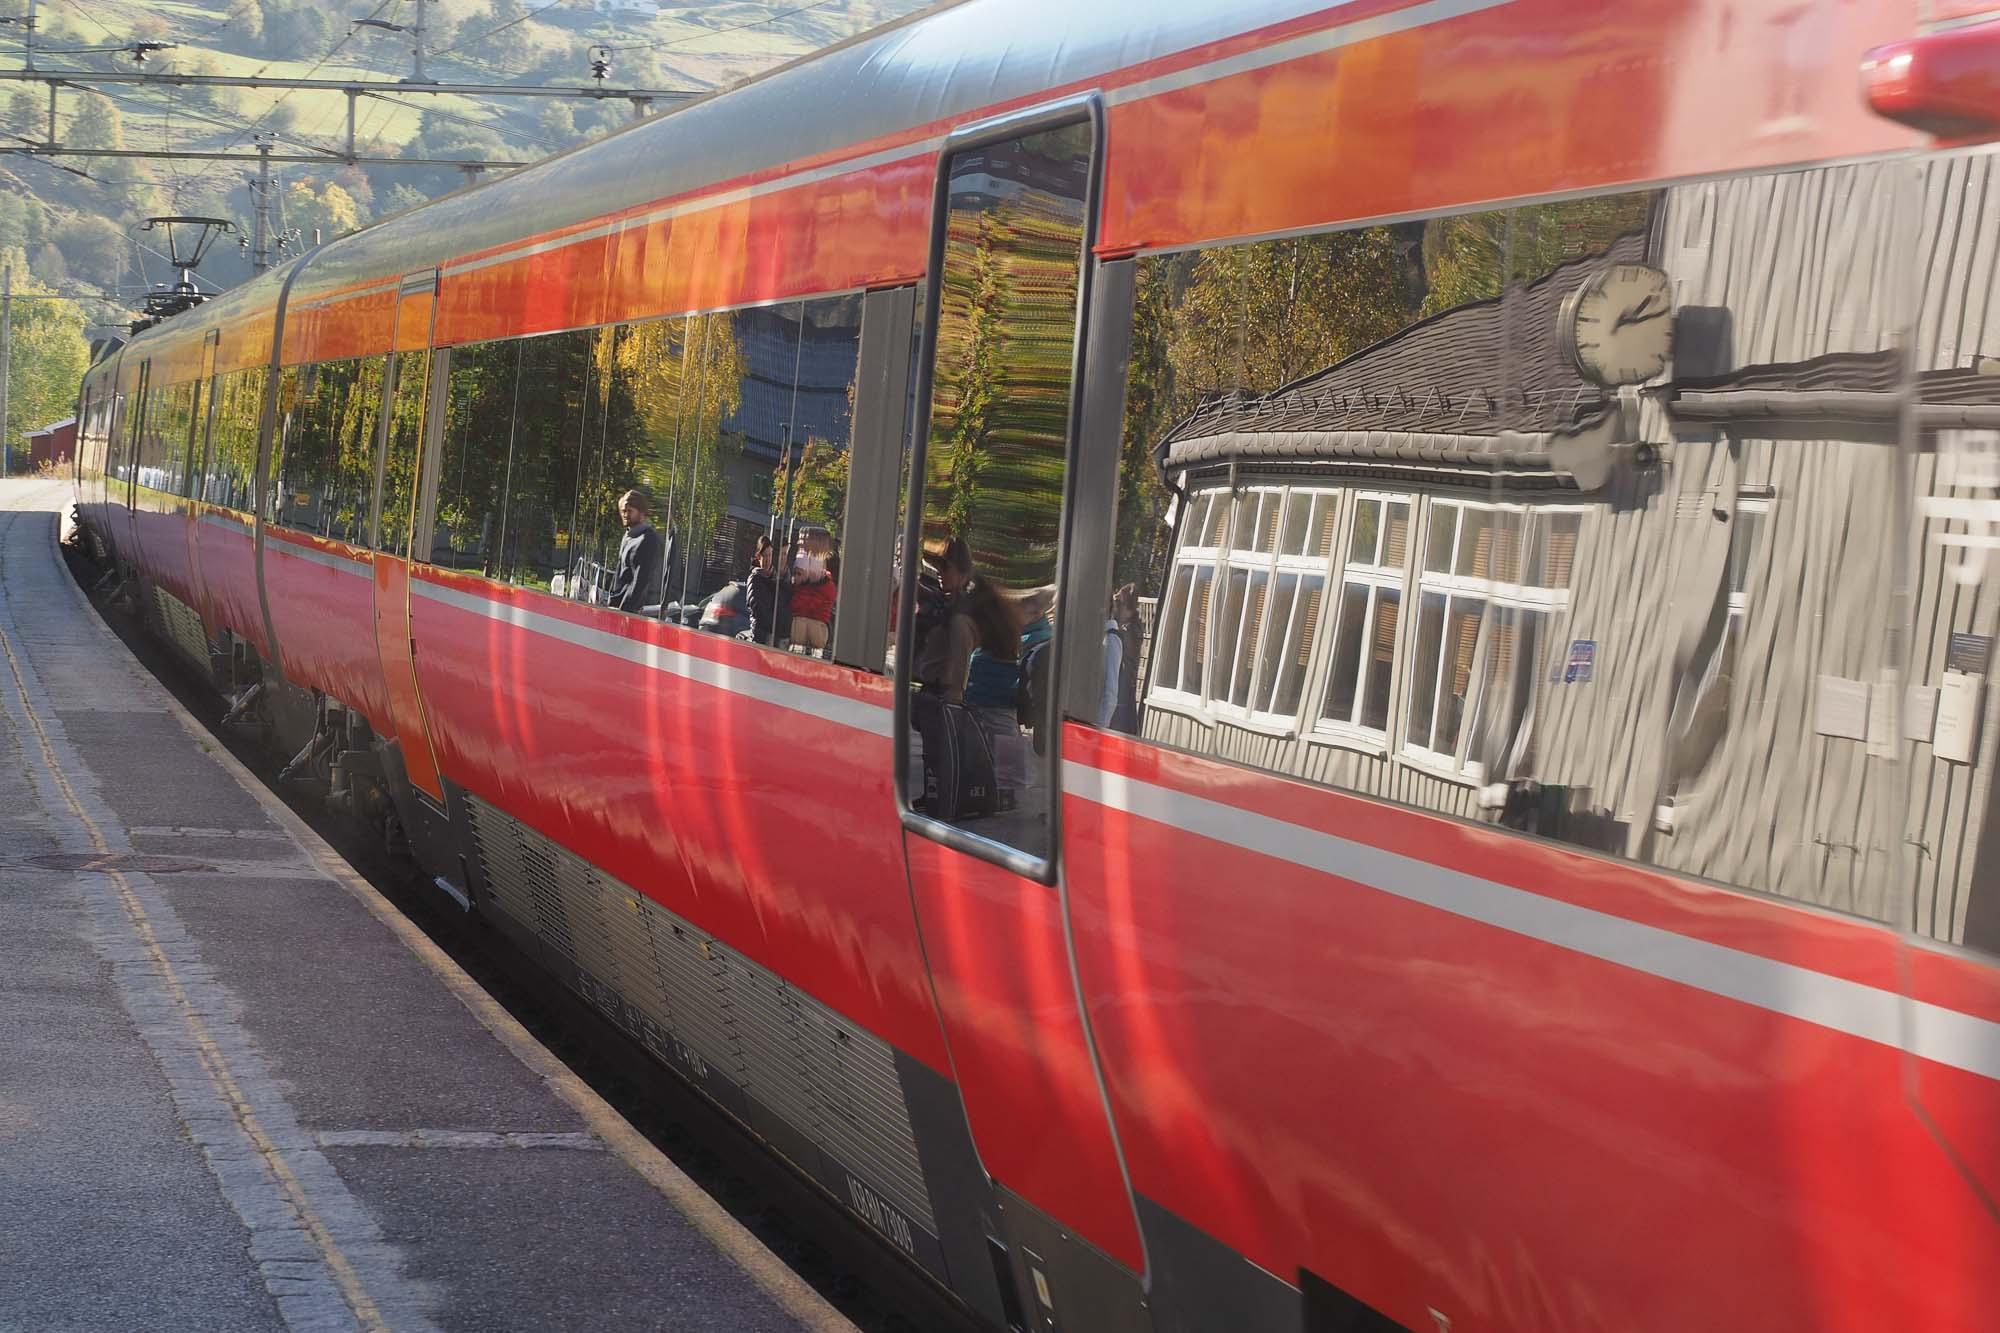 """Tittel: Det røde toget. Tema for Landsbygalleriet denne vinteren er """"Rødt"""". Jeg valgte å fotografere et rødt togsett som kjører inn på Ringebu stasjon. I togvinduene speiles stasjonsbygningen og forventningsfulle mennesker som gleder seg til å ta i mot venner og familie. Det første toget til Ringebu kom i november 1896, for akkurat 120 år siden. Det gikk mellom Hamar og Otta. Jernbanen over Dovrefjellet ble ikke bygget før på 1920-tallet. Helt fram til 1960-tallet ble togene drevet av kullsvarte damplokomotiv. Da hadde de gule eller rustrøde dieseldrevne togsettene tatt over fullt ut. Nå drives togene elektrisk og motefargen er rødt. Stasjonen fikk navnet Ringebu. Men bygdefolket holdt fast på """"Vålbrua"""", eller bare """"Brua"""" som navn på stasjonsbyen. Toget skapte grunnlaget for handel, virksomheter og vekst. Herfra styrte Bertrand Narvesen sitt kiosk kompani. Om stasjonsbyen, Gudbrandsdalens sentrum, skrev Lillehammer- humoristen """"Immen"""" Imerslund ei vise med mange vers: """"For når ni-toget det tute / inn på Ringebu stasjon, hele bygda dit må kute. / Det er dagens sensasjon. Vekk med gamp og øks og sagblad / vi må ned og kjøp oss Dagbla' Ja, for både folk og fe / er det blitt et samlingssted."""" I """"Hemgrenda 2015"""" har Erling Sæther skrevet utførlig om jernbanen i Ringebu."""